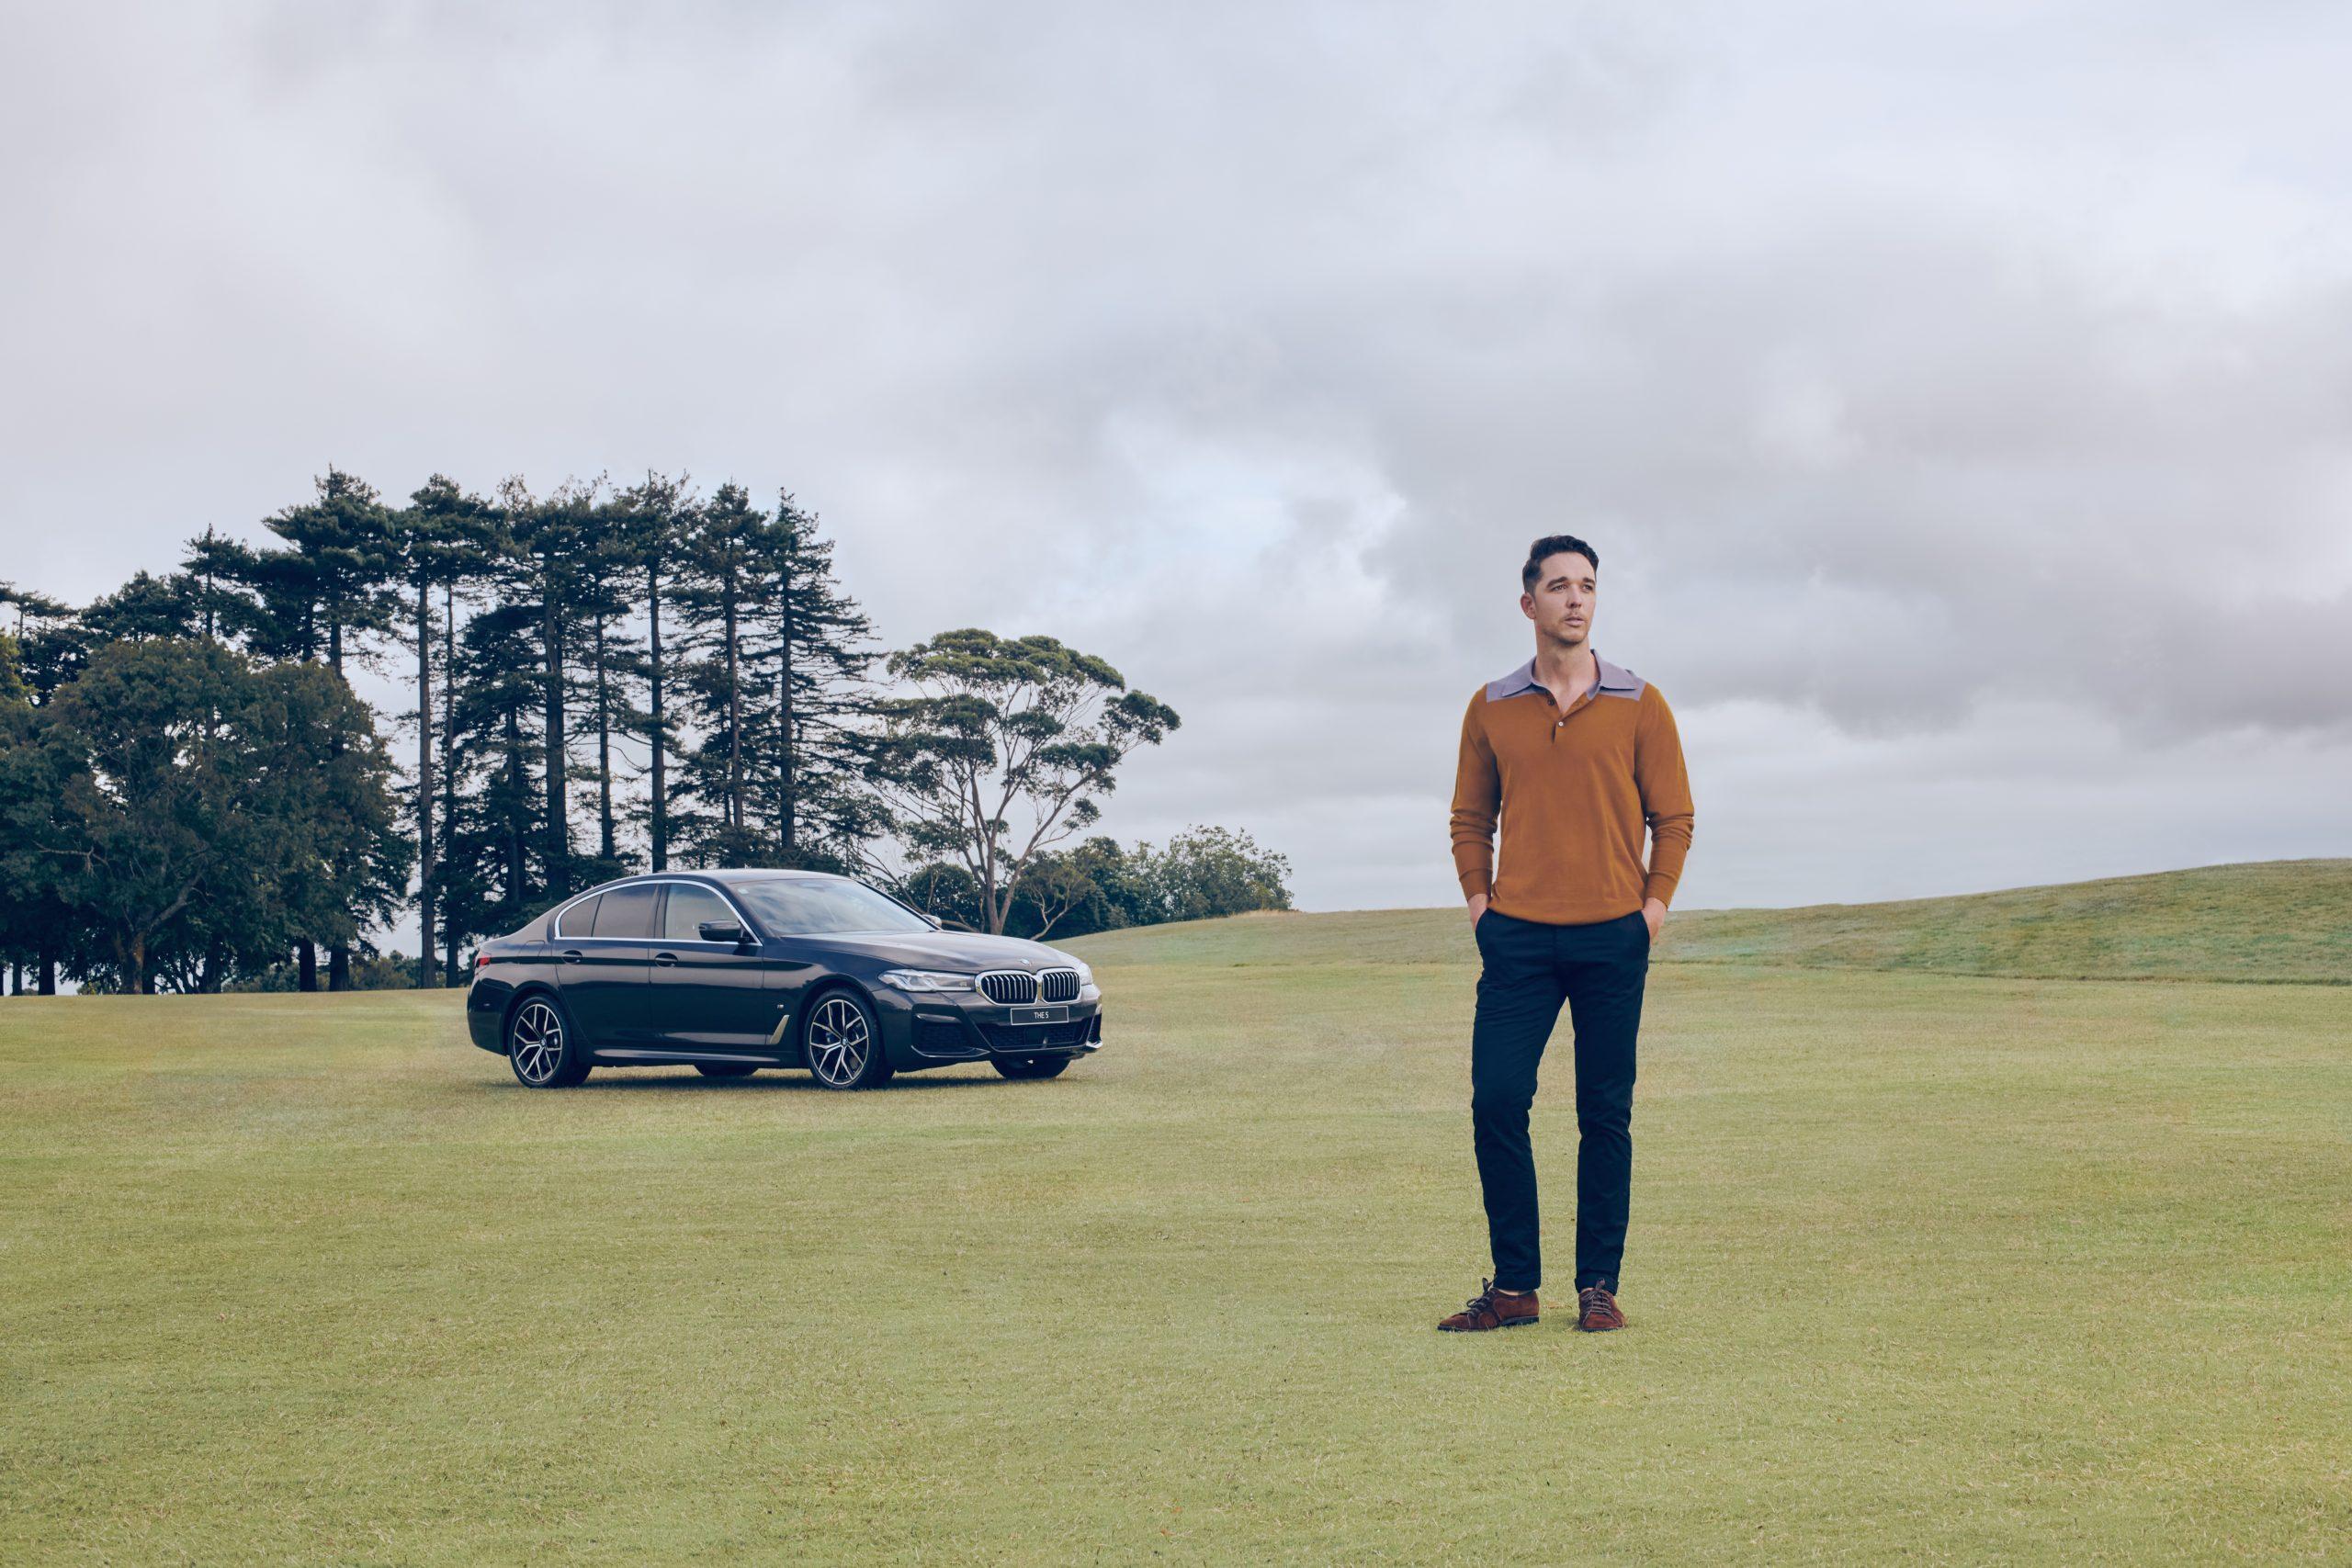 BMW x Deadly Ponies - Liam Bowden